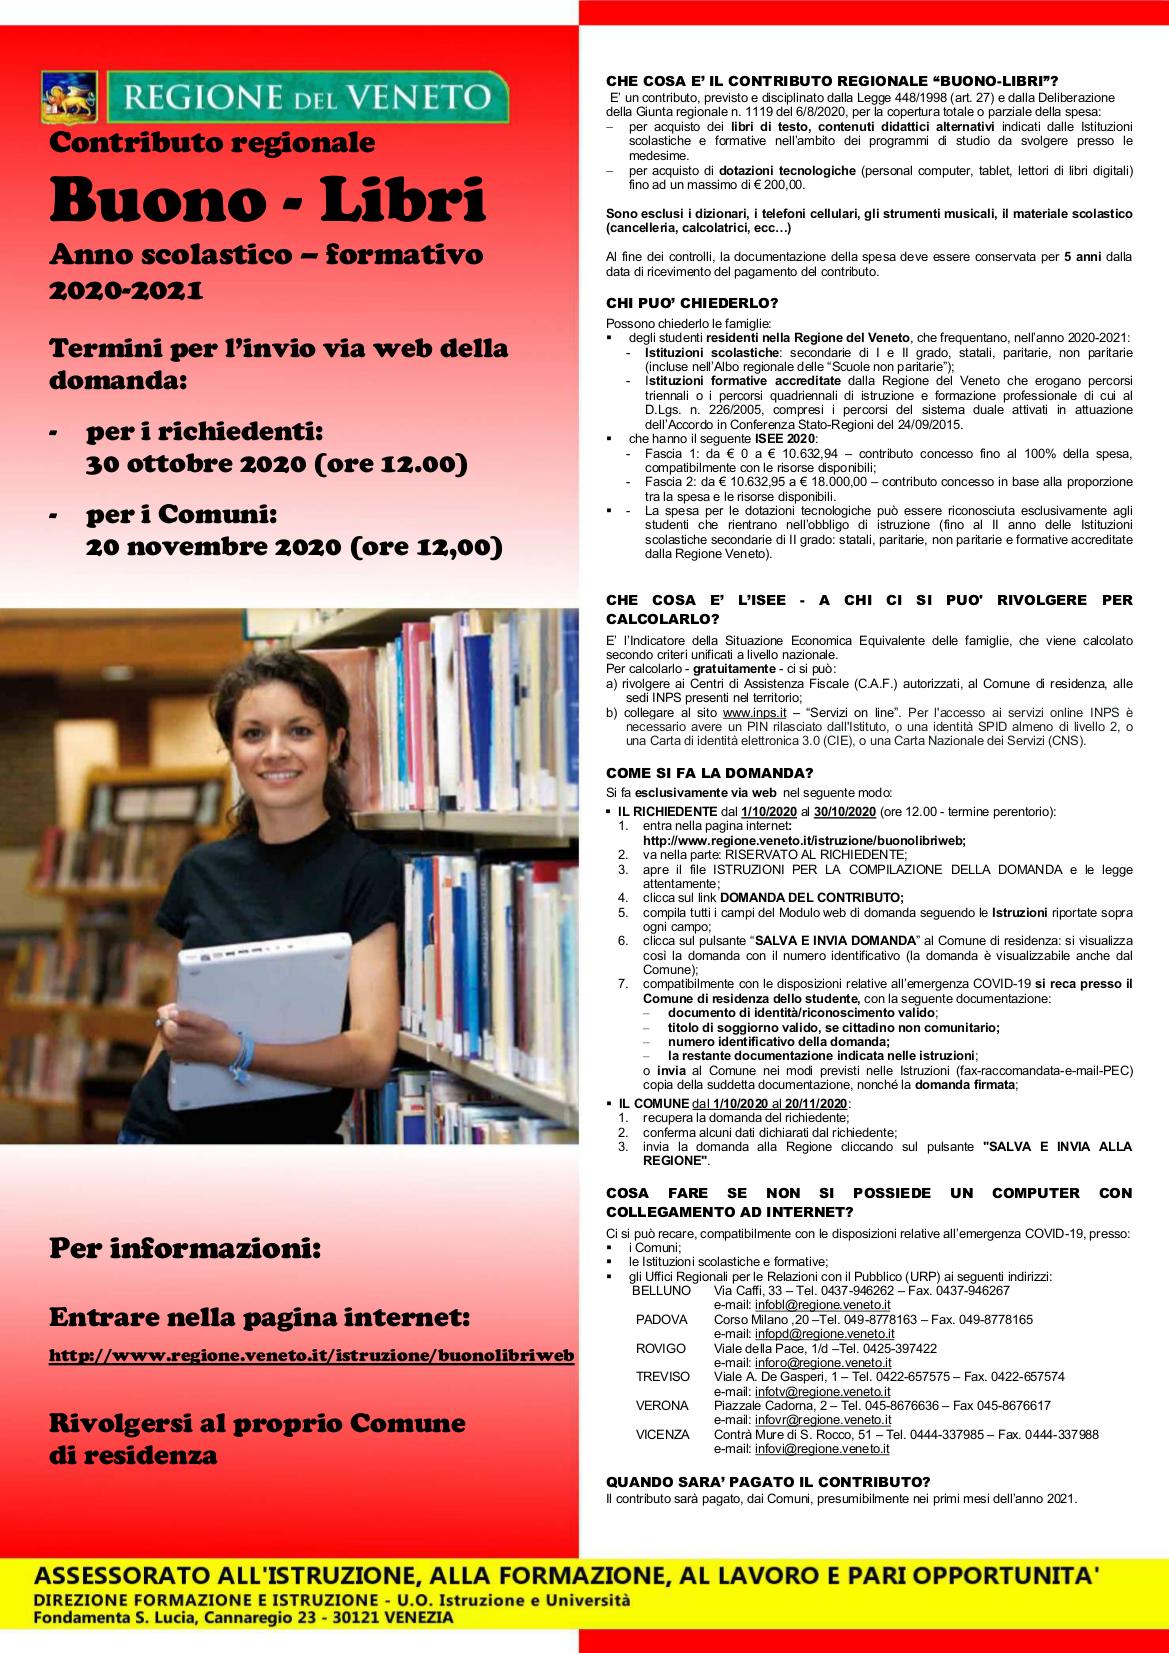 Contributo regionale Buono libri - A.S. 2020/2021